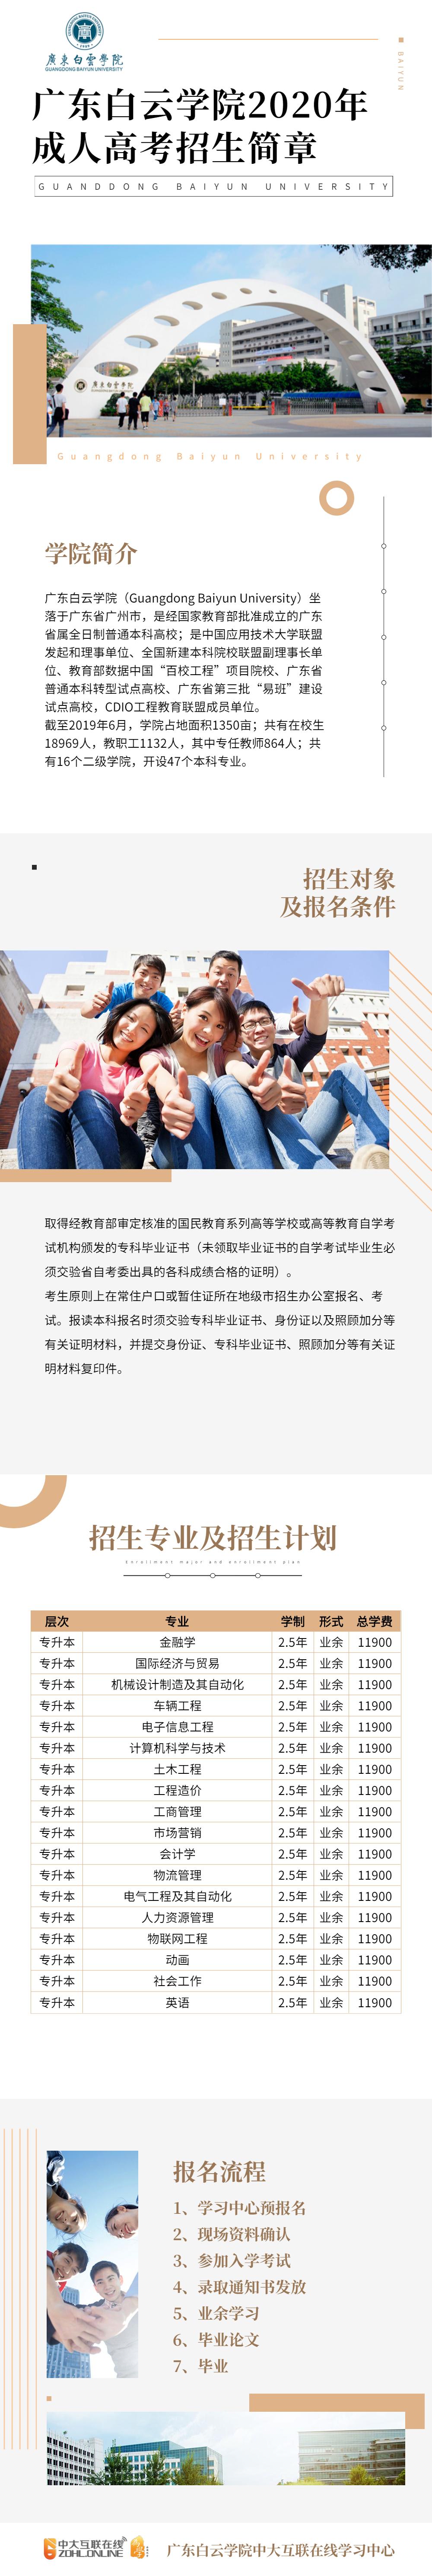 广东白云学院招生简章2.png